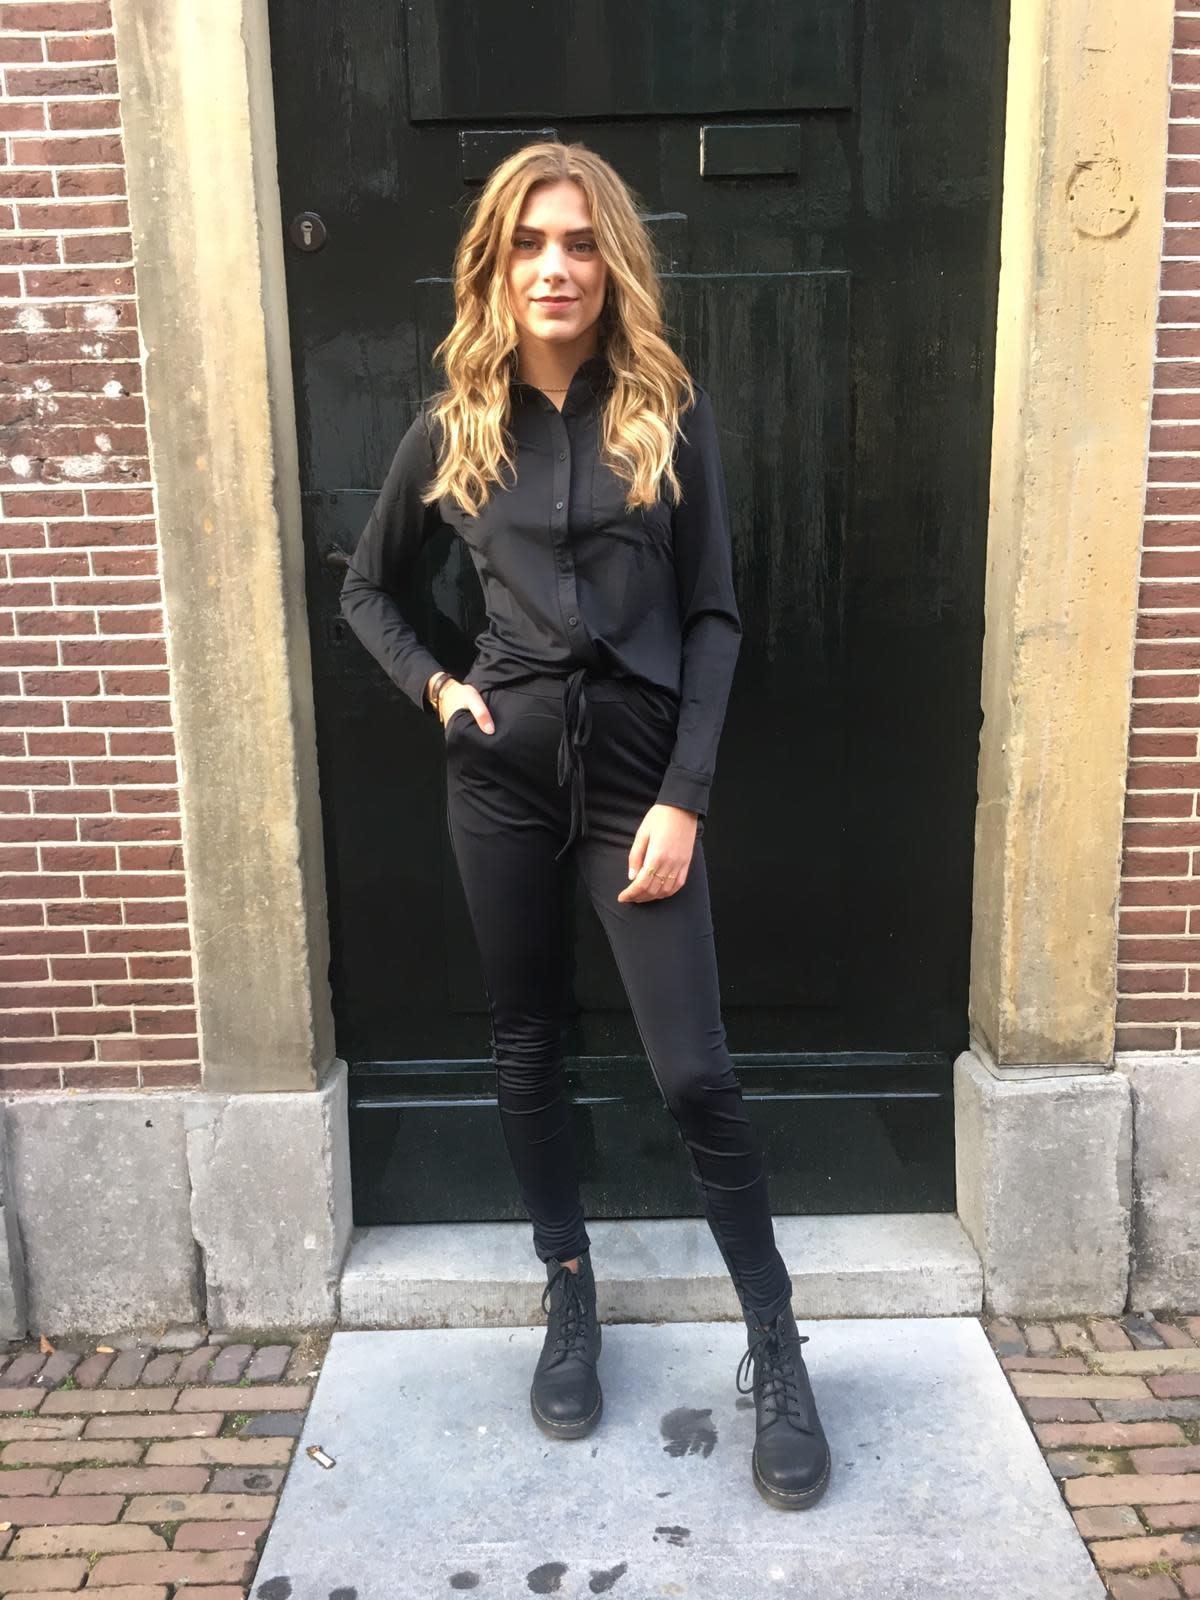 906 TwinSuit Travel Pants & Blouse Black